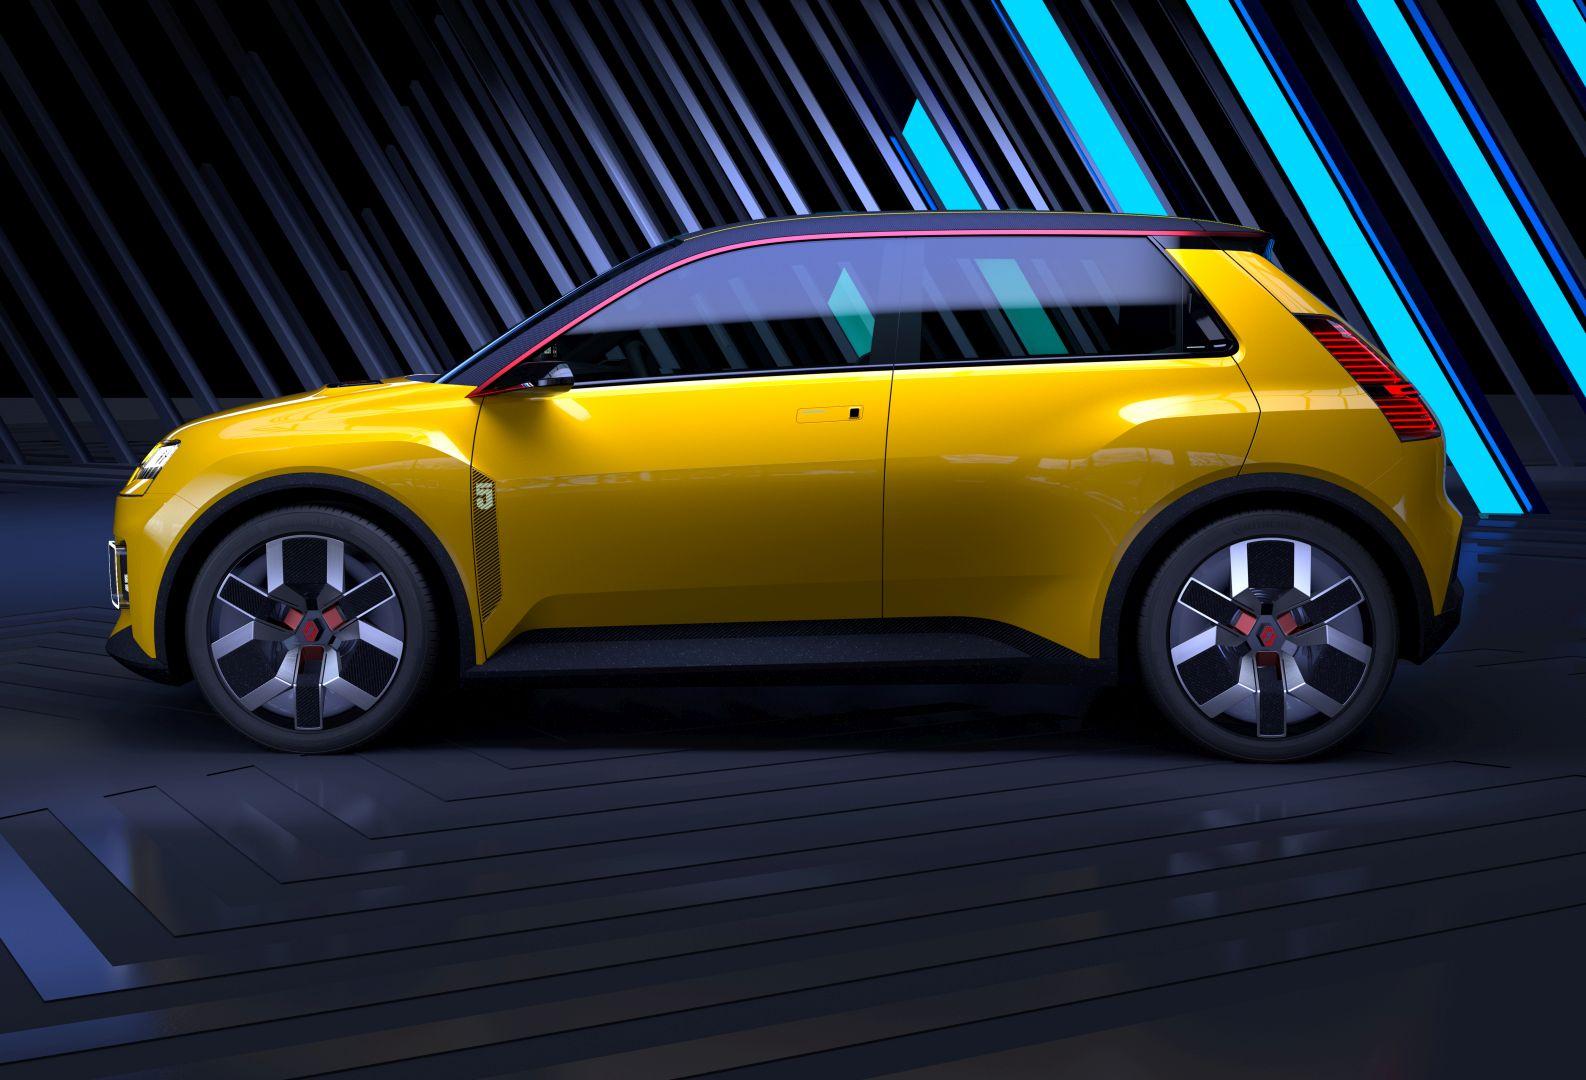 Renault 5 Prototype je proglašen konceptnim automobilom za 2021. godine